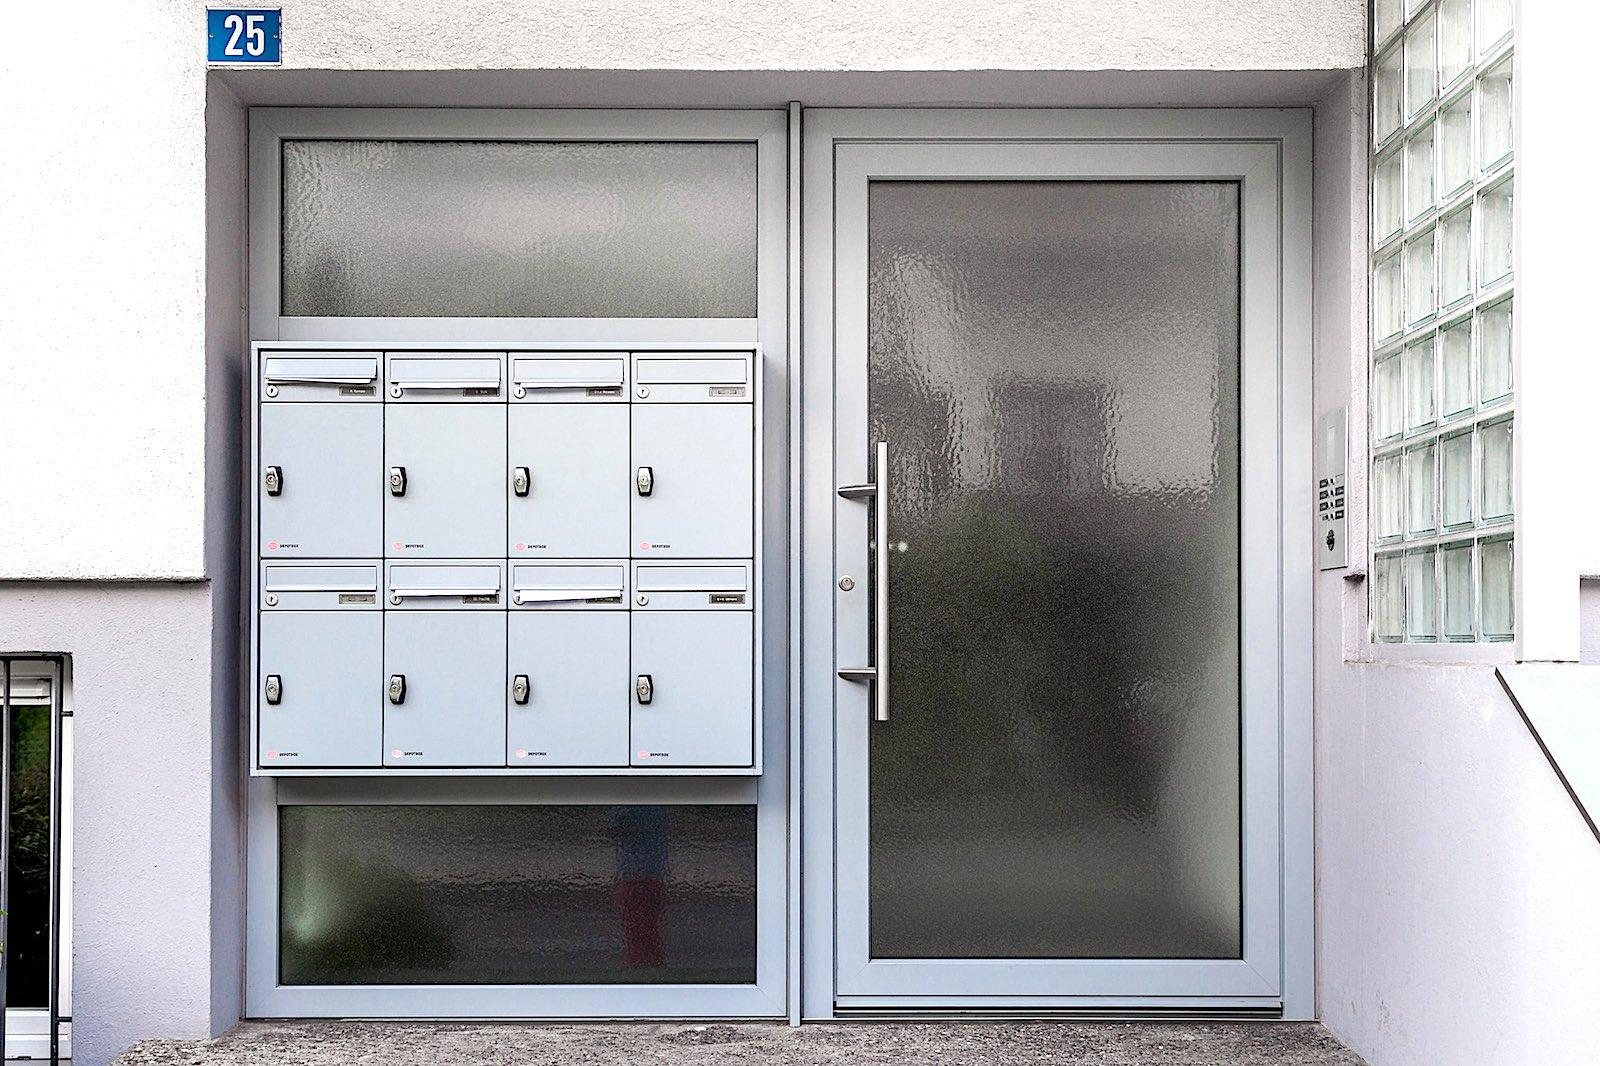 MFH in Mollis - Aluminium-Eingangstür mit Seitenteil und BriefkastenanlageBriefkasten: RENZ-Briefkasten mit Brief- und PaketkastenVerglasung: Kathedralglas